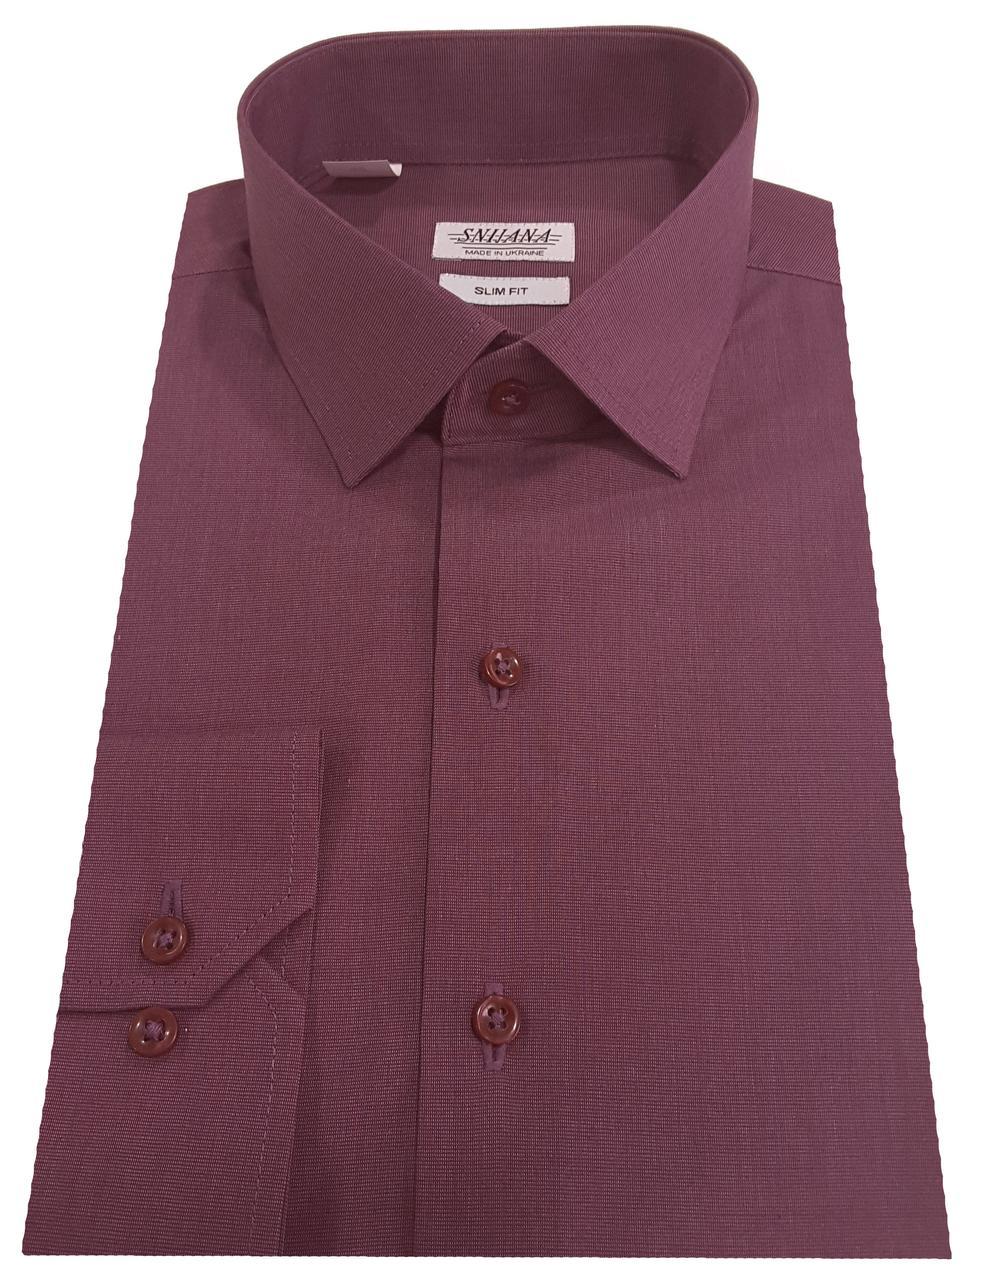 Рубашка мужская приталенная №10-12 - Filafil - 22